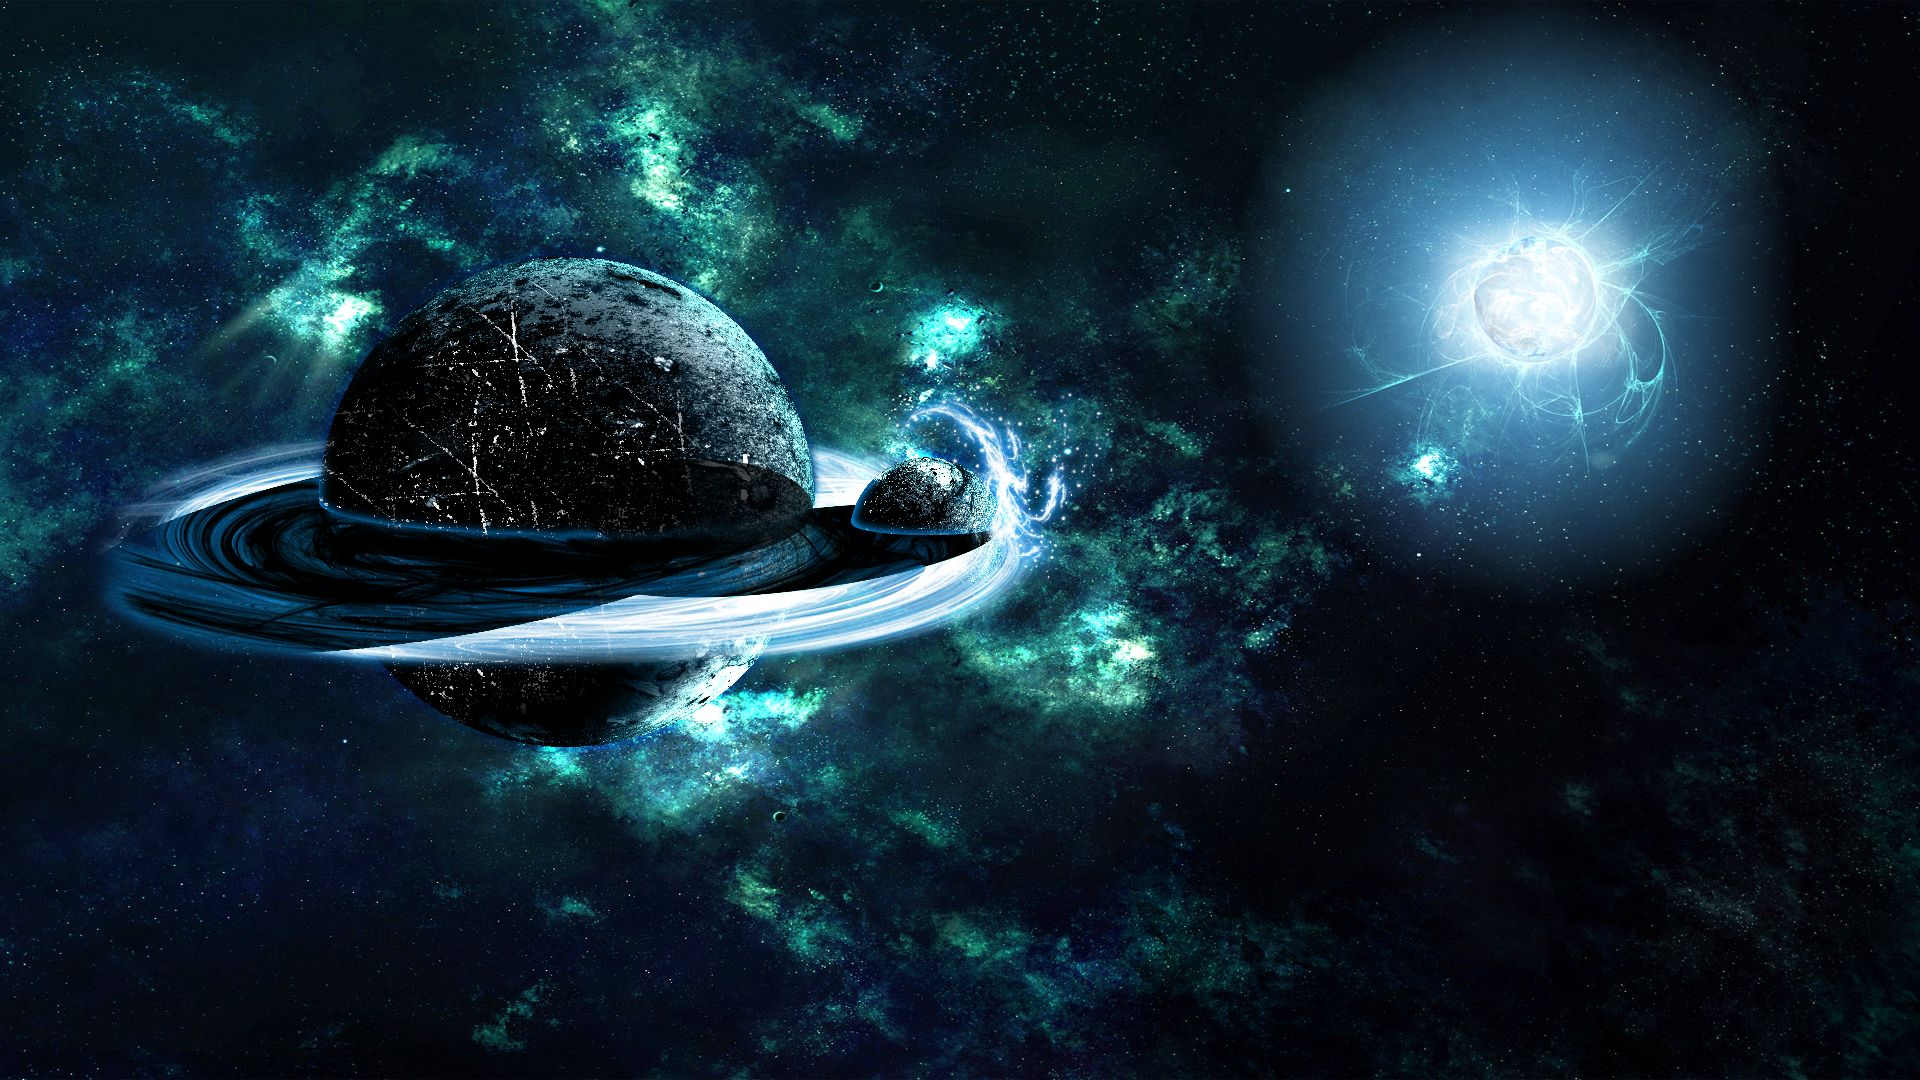 Обои космос вселенная планета картинки на рабочий стол на тему Космос - скачать  № 1955804 без смс